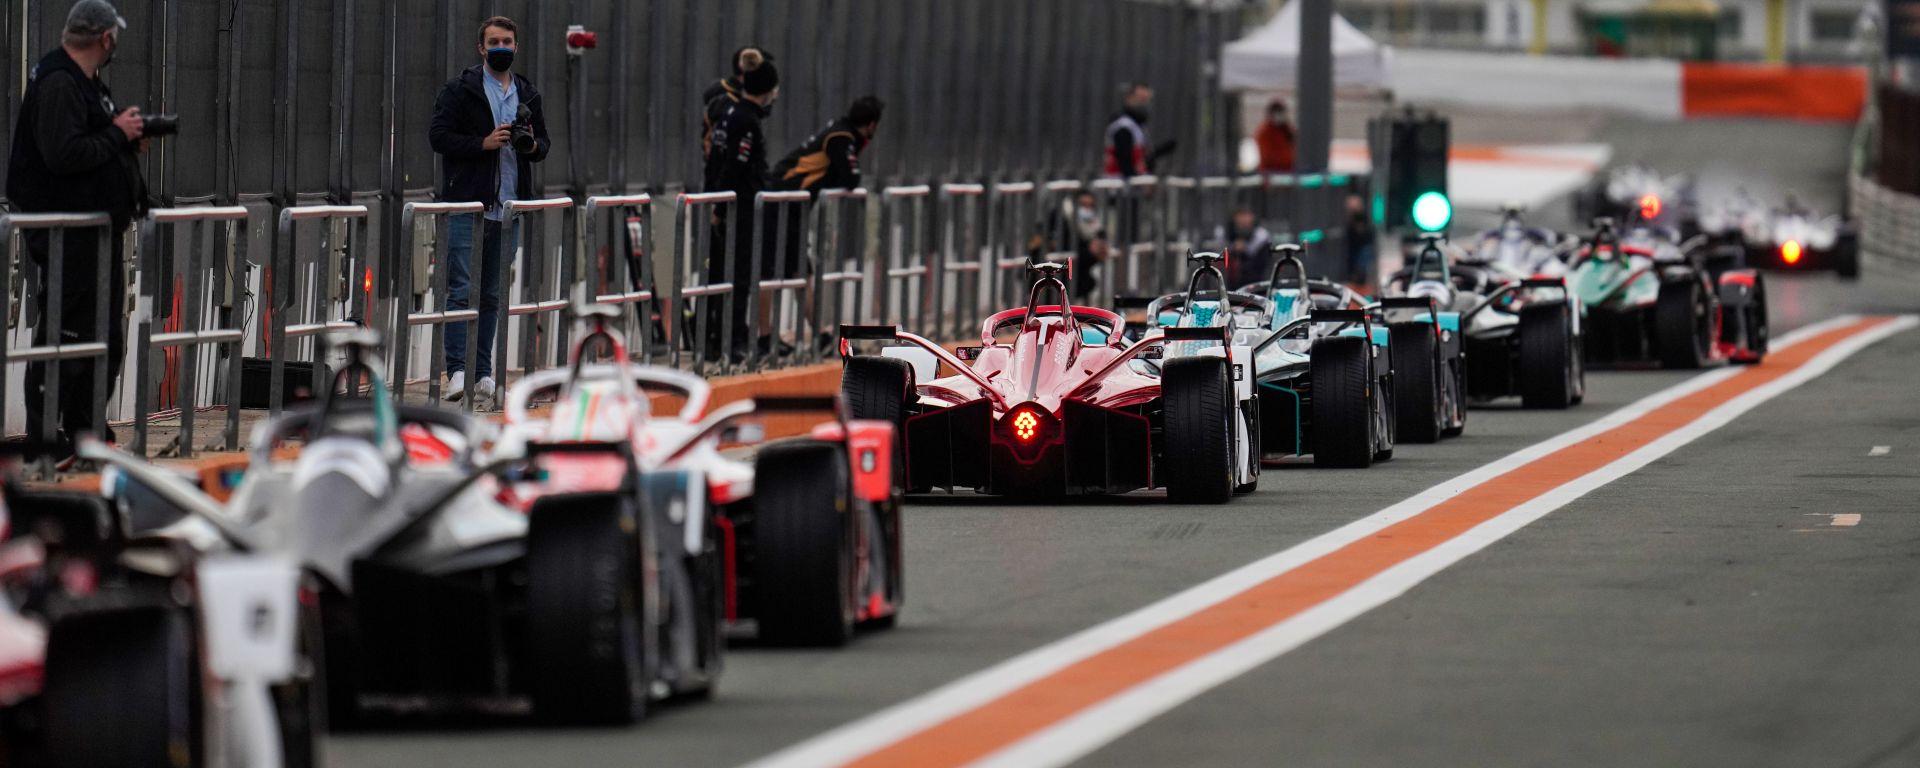 Formula E, Test Valencia 2021: le auto in pit-lane al via della prima sessione